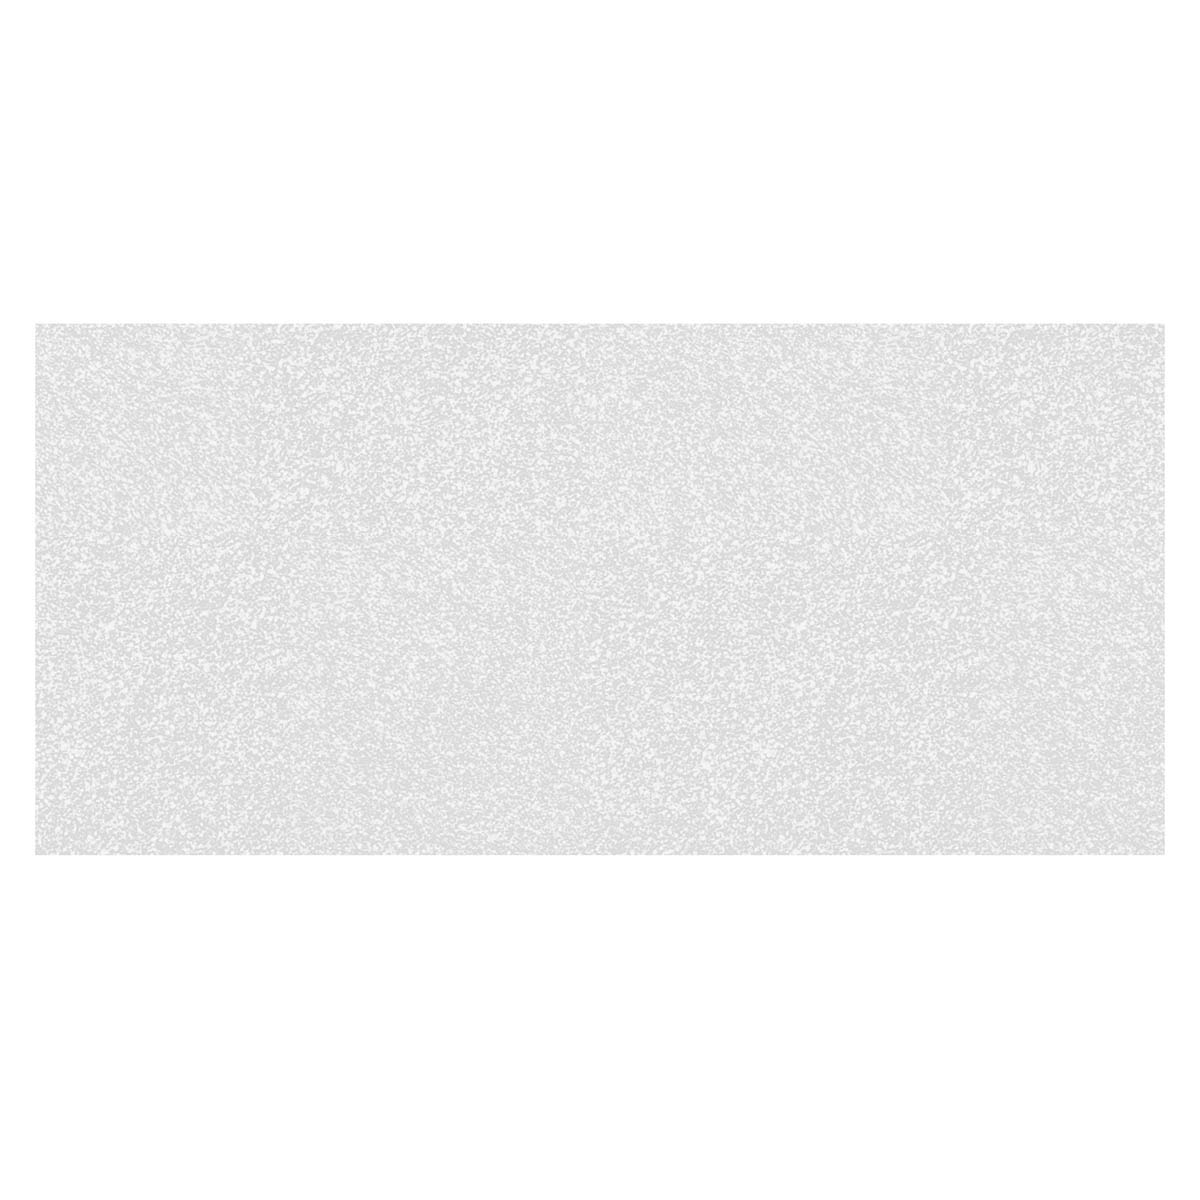 Waverly ® Inspirations Glitter Multi-Surface Acrylic Paint - White Opal, 2 oz. - 60928E